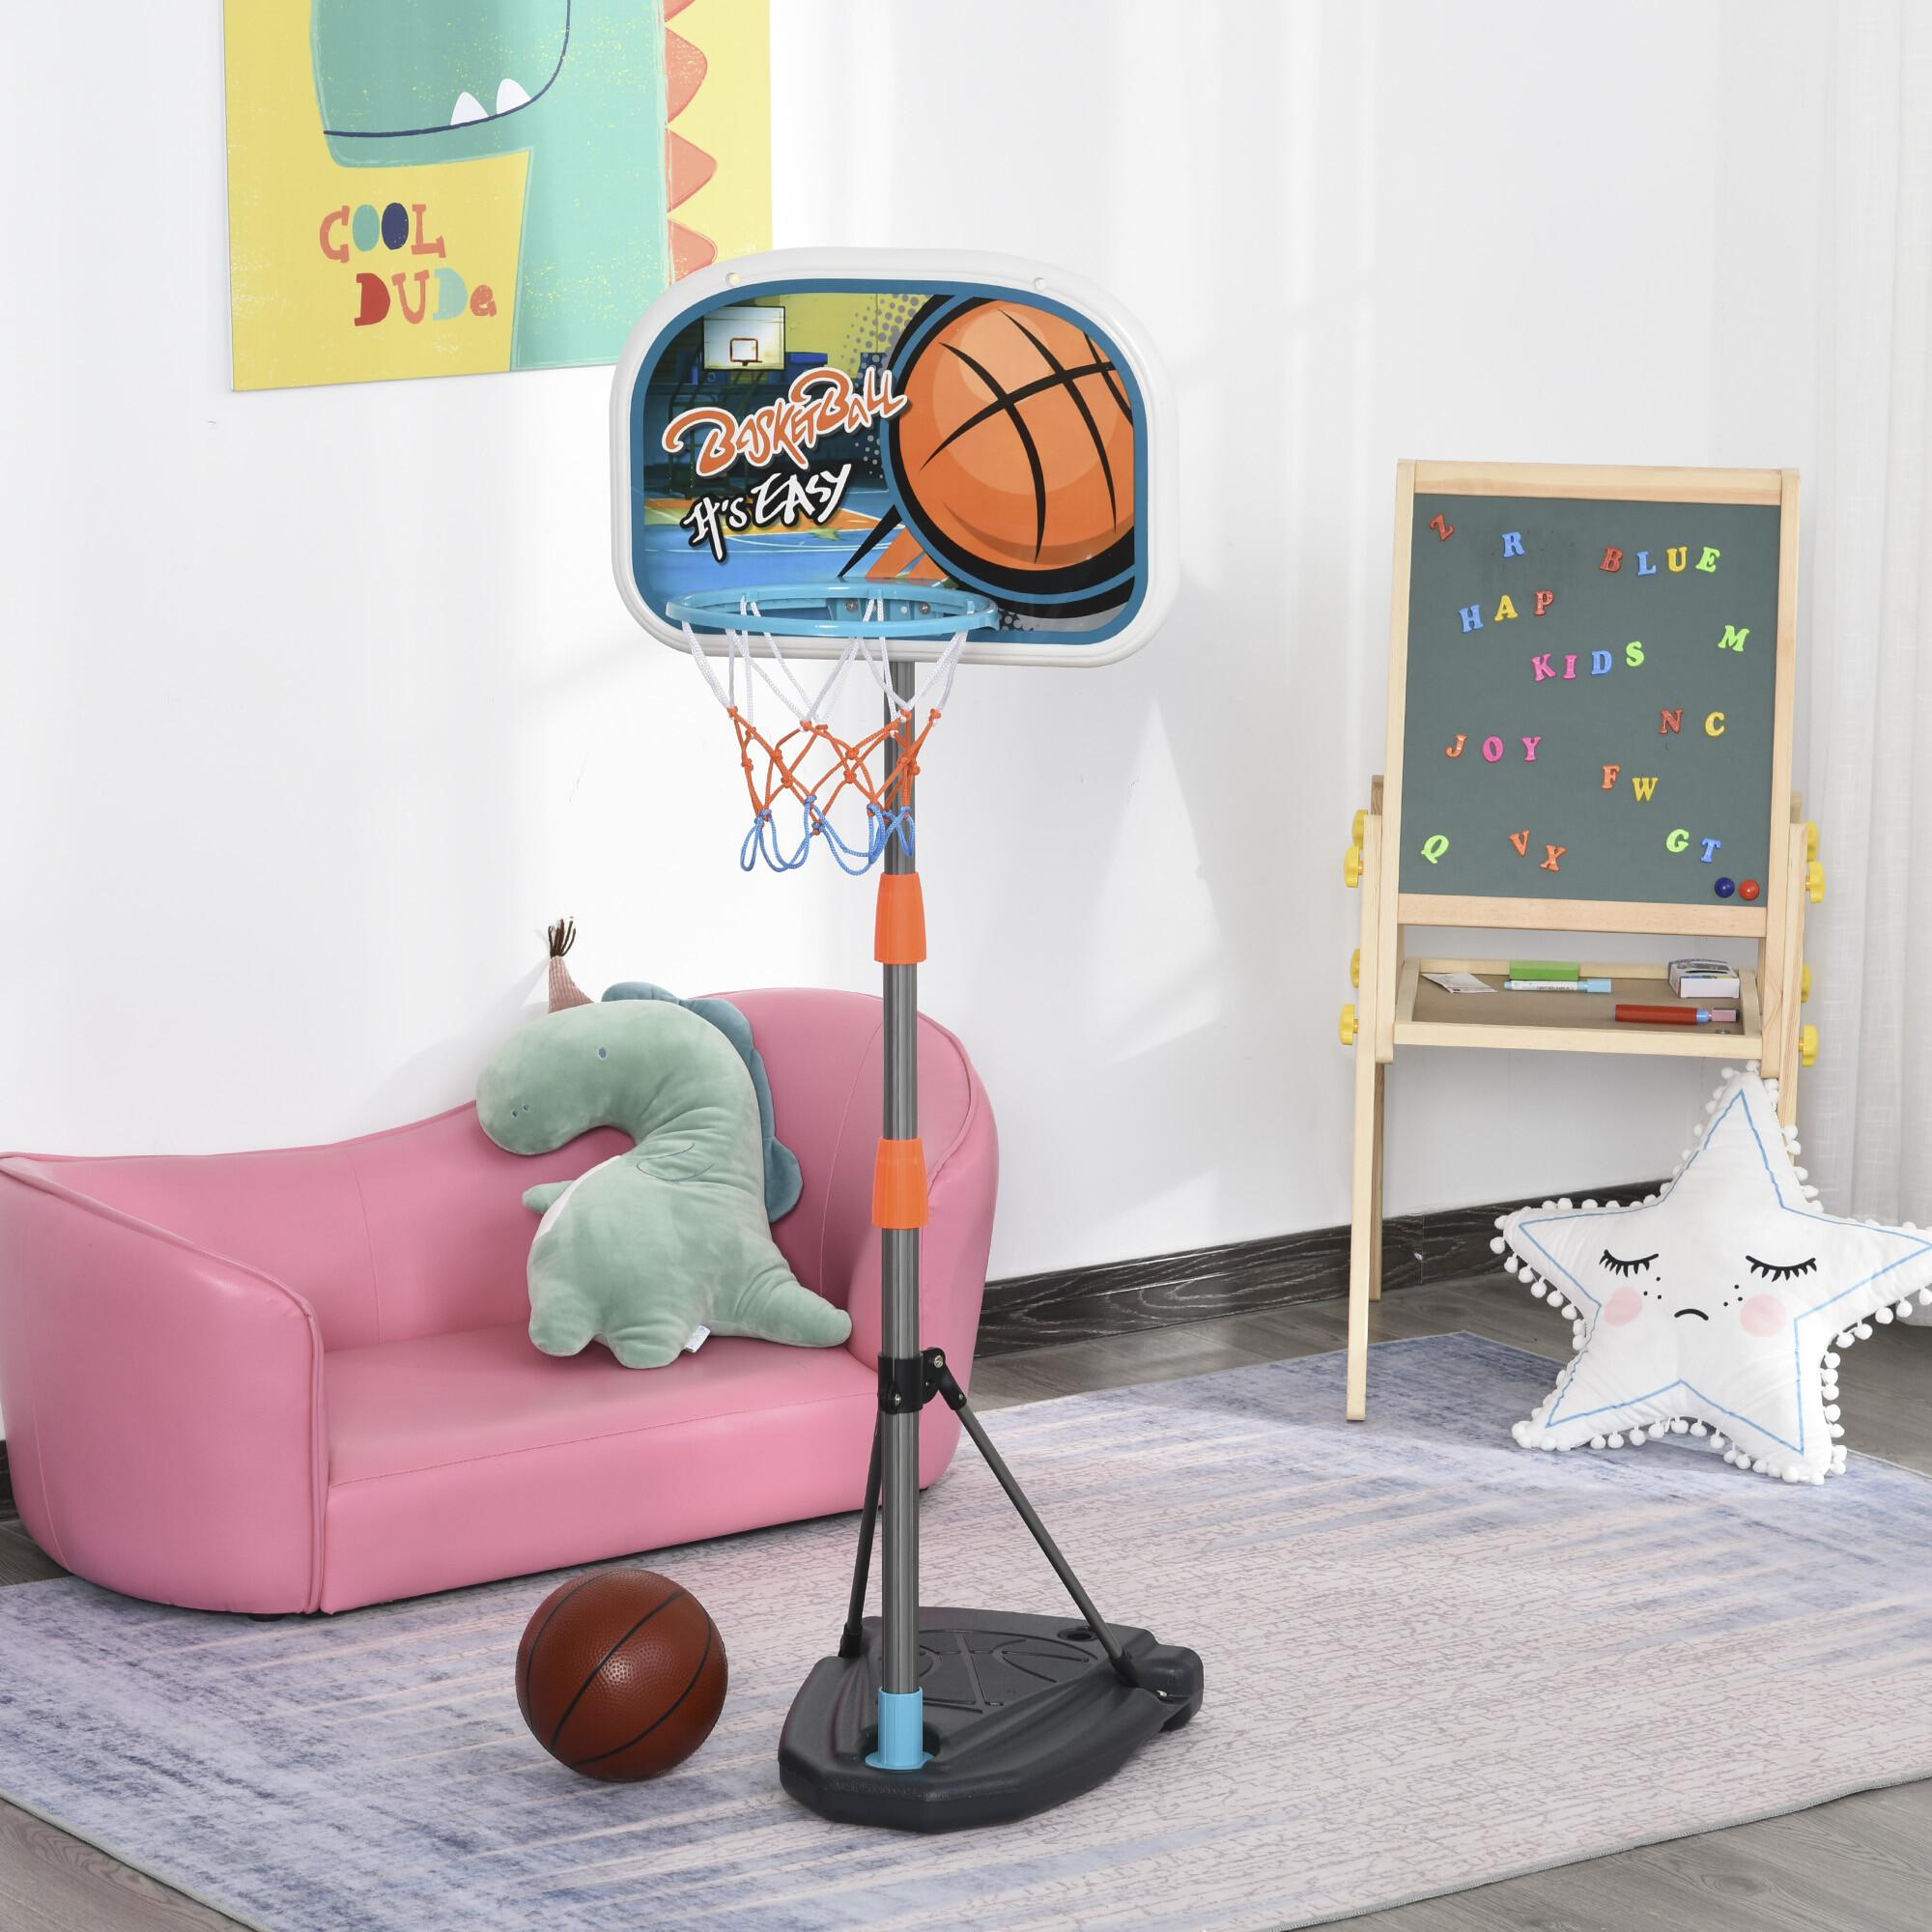 Hyselene Canestro da Basket per Bambini,Set da Basket a Parete con Tavola,Palla,Pompa e Rete da Basket,Bambini e Adulti Giocattoli Sportivi Portatili da Interno ed Esterno per Casa,Camera da Letto